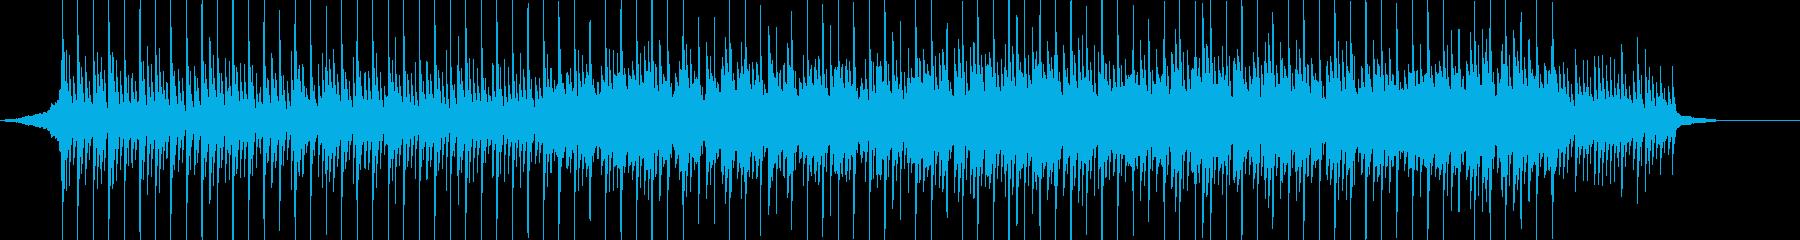 企業VP系66、シンプル、シンセ、爽快bの再生済みの波形